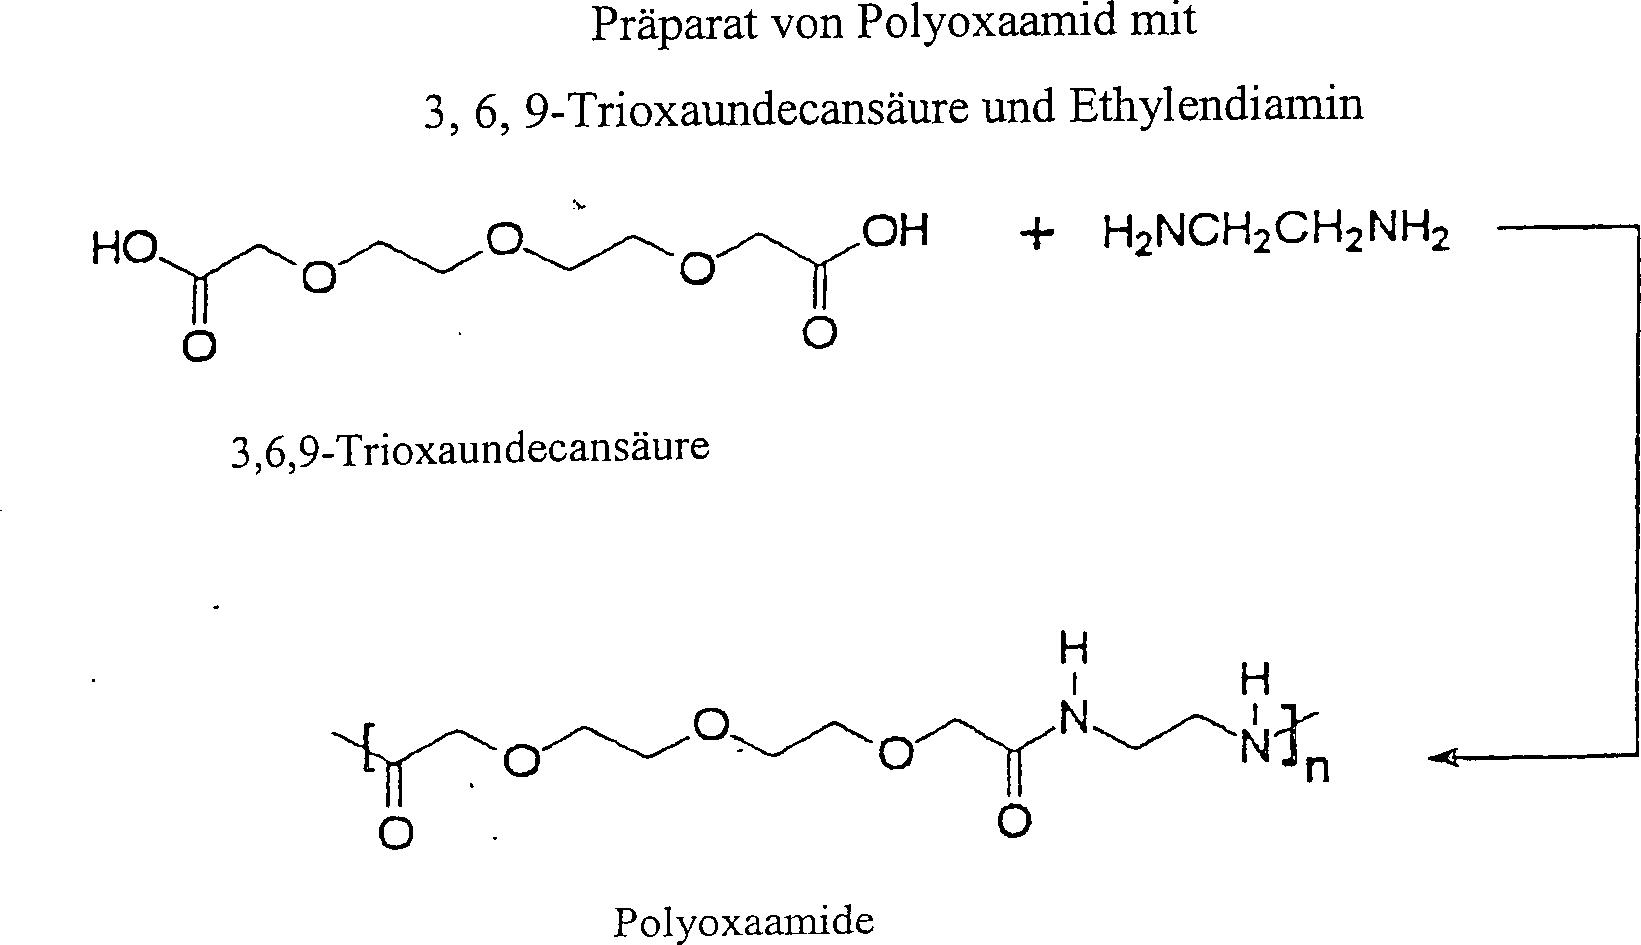 beispiel 3 vergleichendes beispiel example 3 comparative example - Verbrauchsguter Beispiele